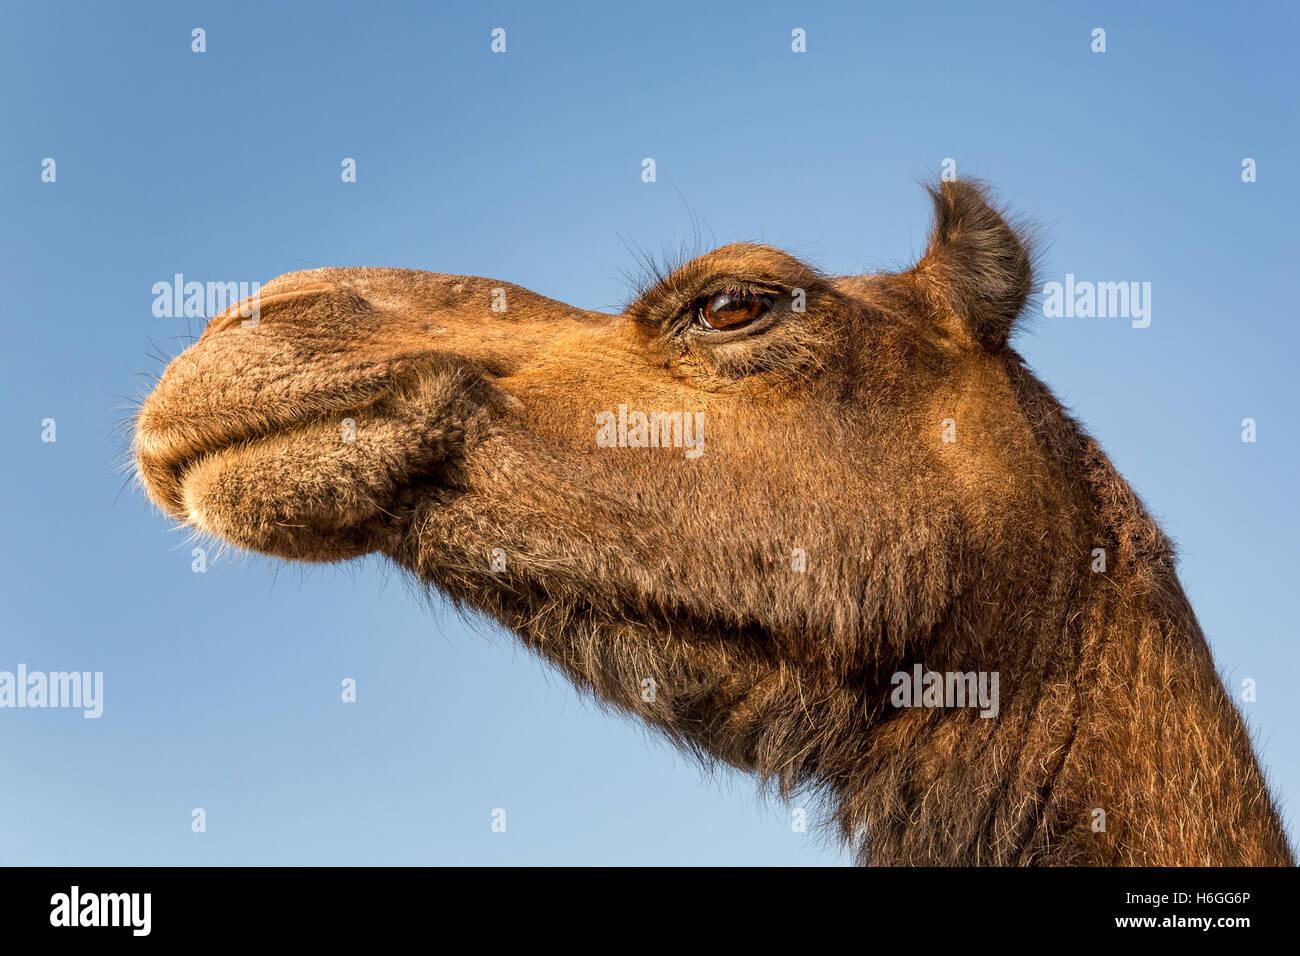 Nahaufnahme von einem Kamel (Camelus), Indien Stockbild